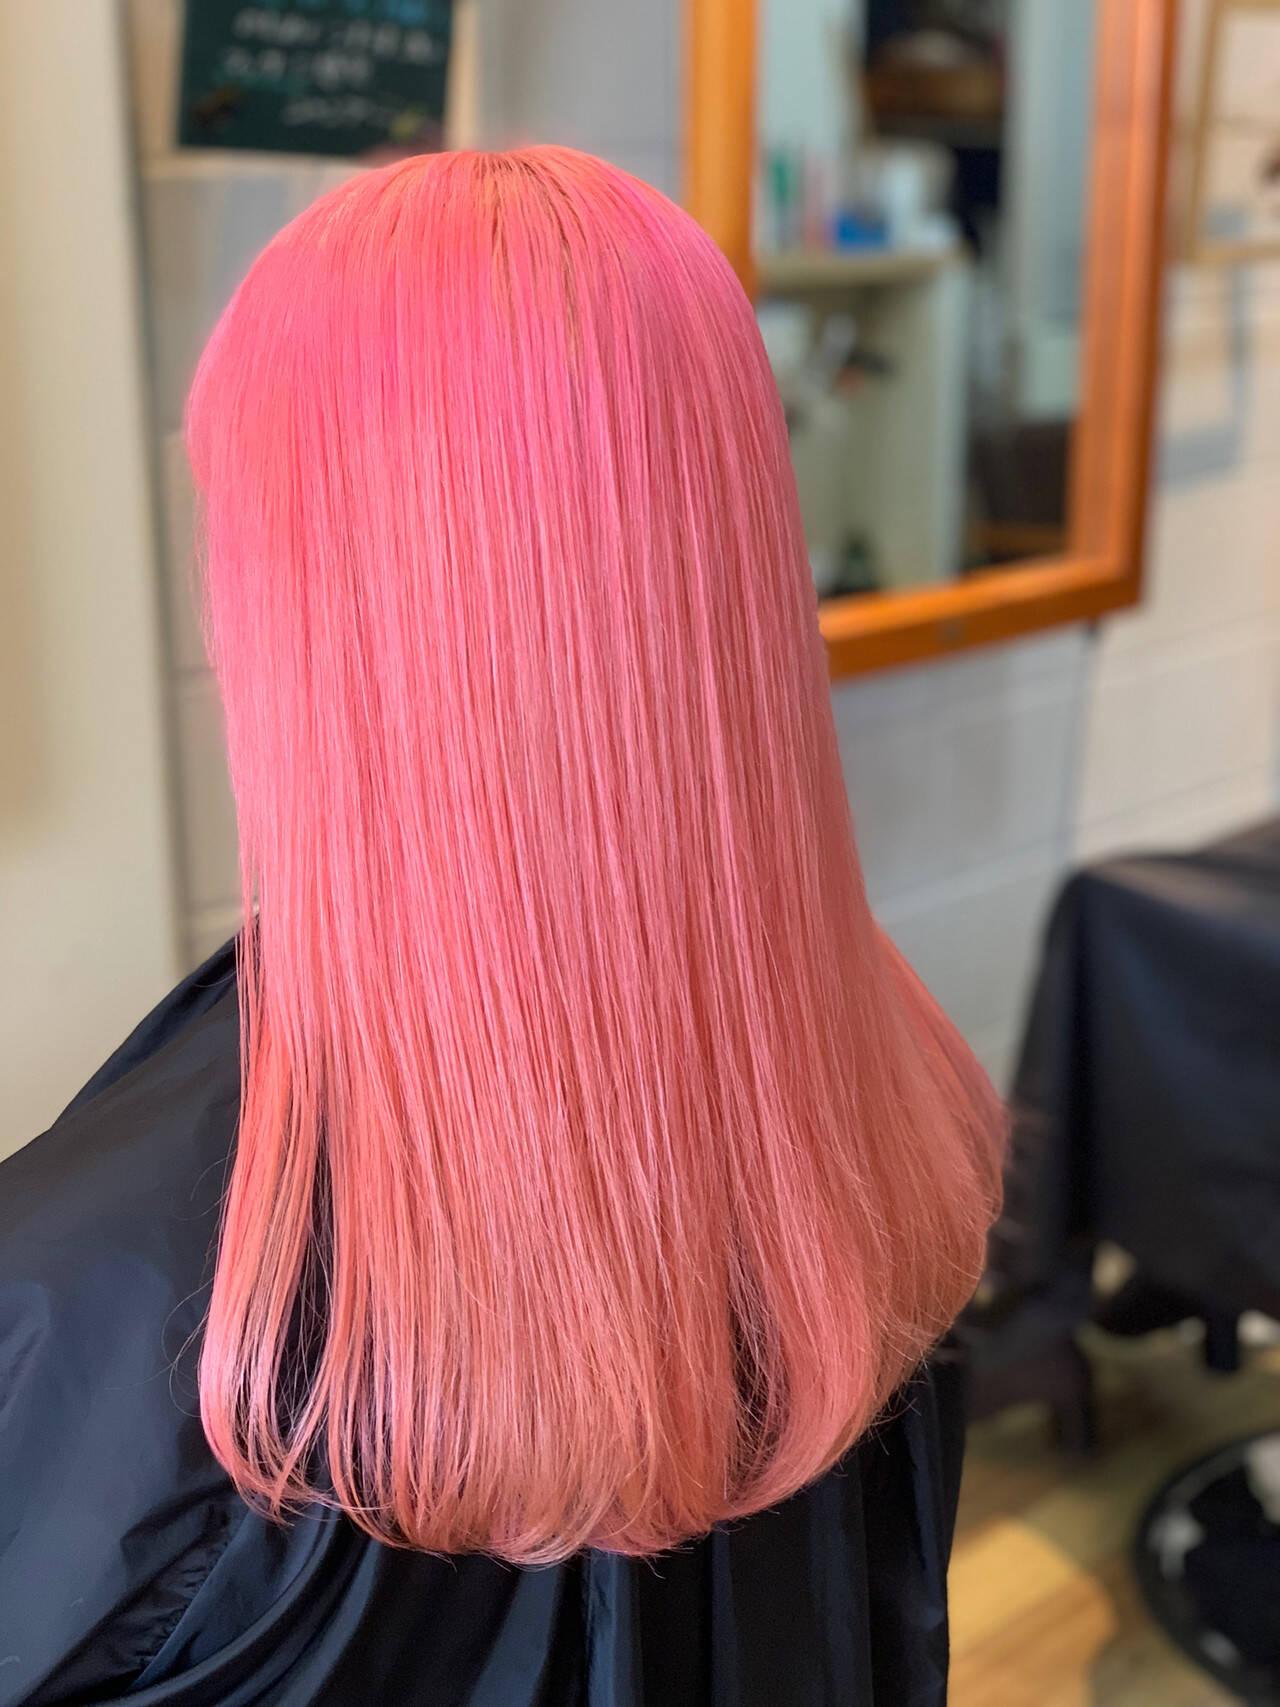 ピンク ブリーチカラー フェミニン コーラルヘアスタイルや髪型の写真・画像